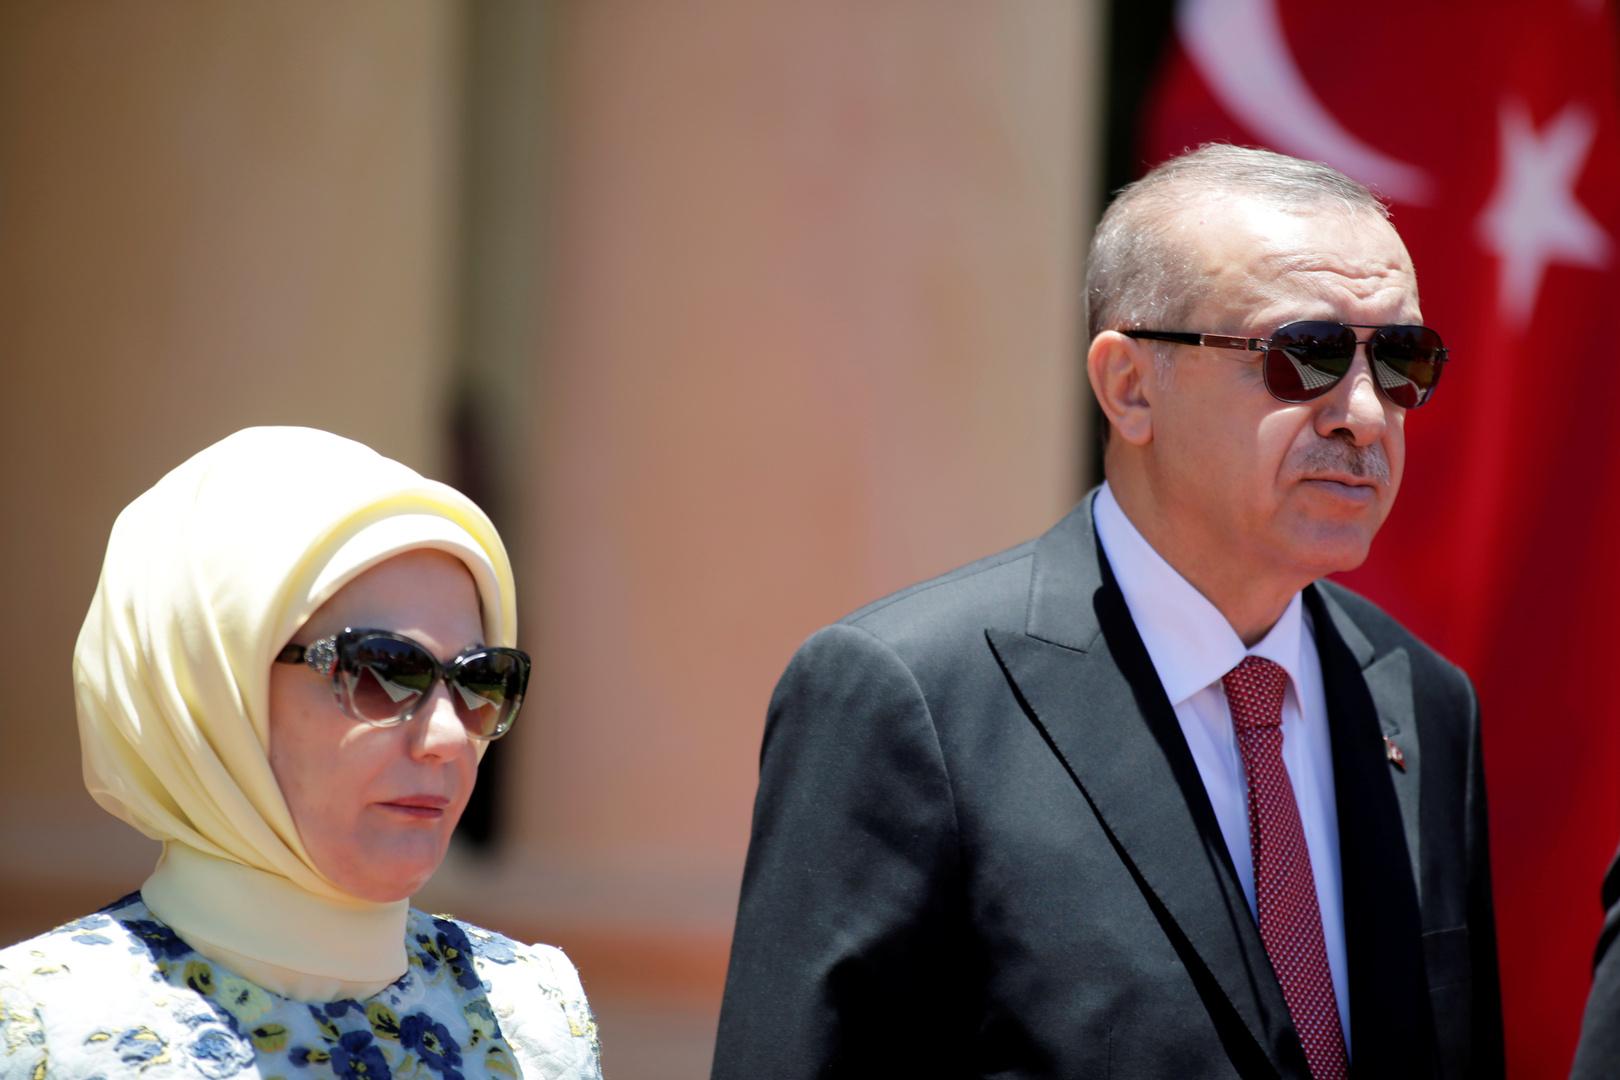 صحيفة معارضة تكشف تكاليف كتاب طهي أعدته أمينة أردوغان